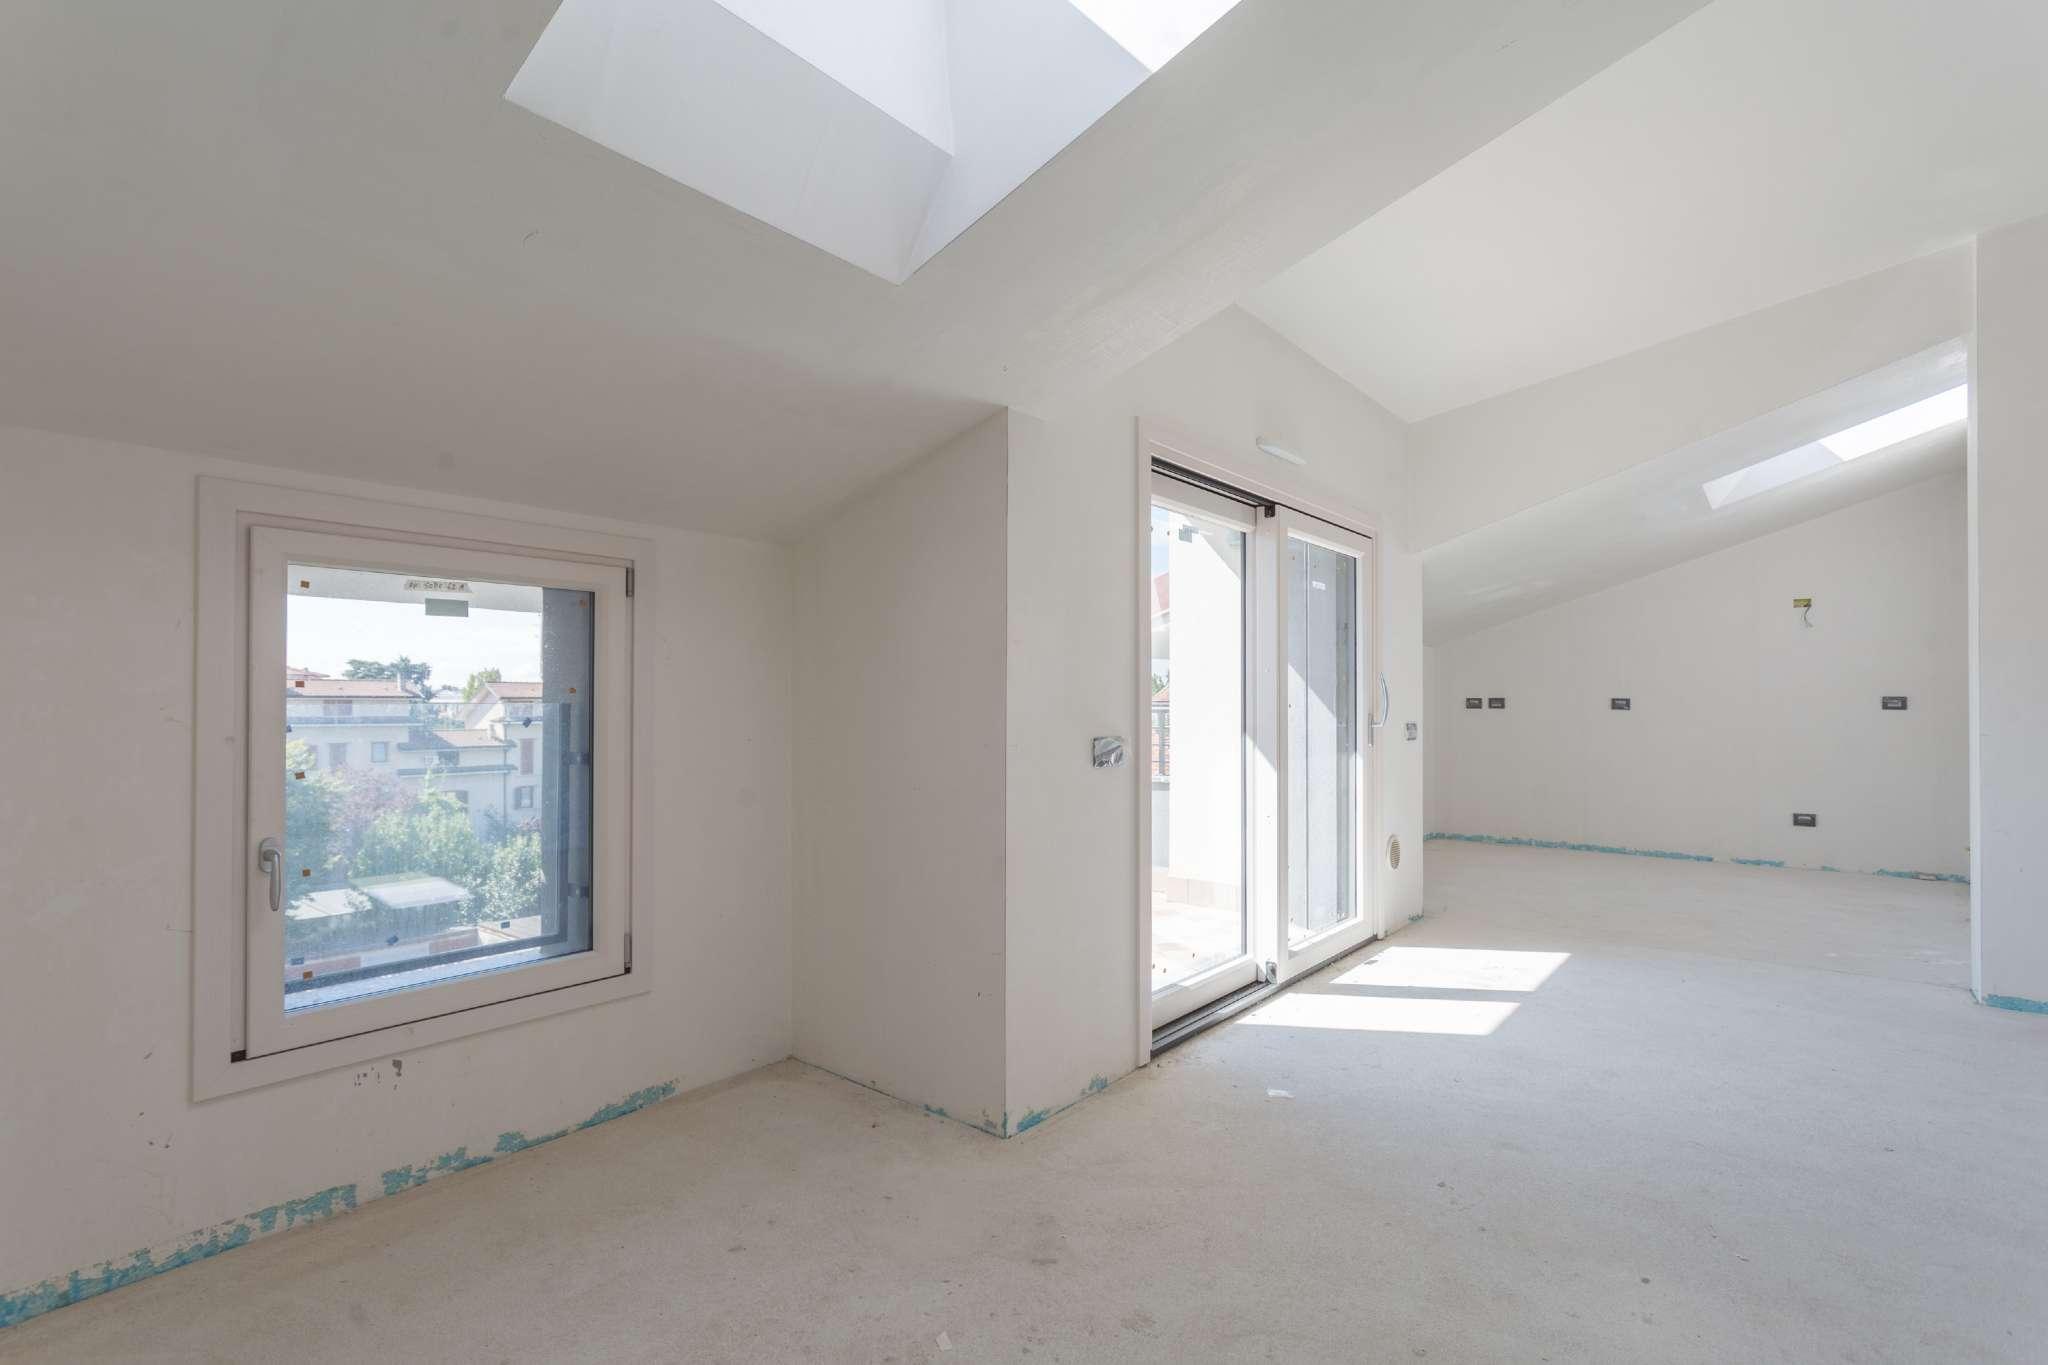 Appartamento in vendita a Cernusco sul Naviglio, 3 locali, prezzo € 330.000 | CambioCasa.it